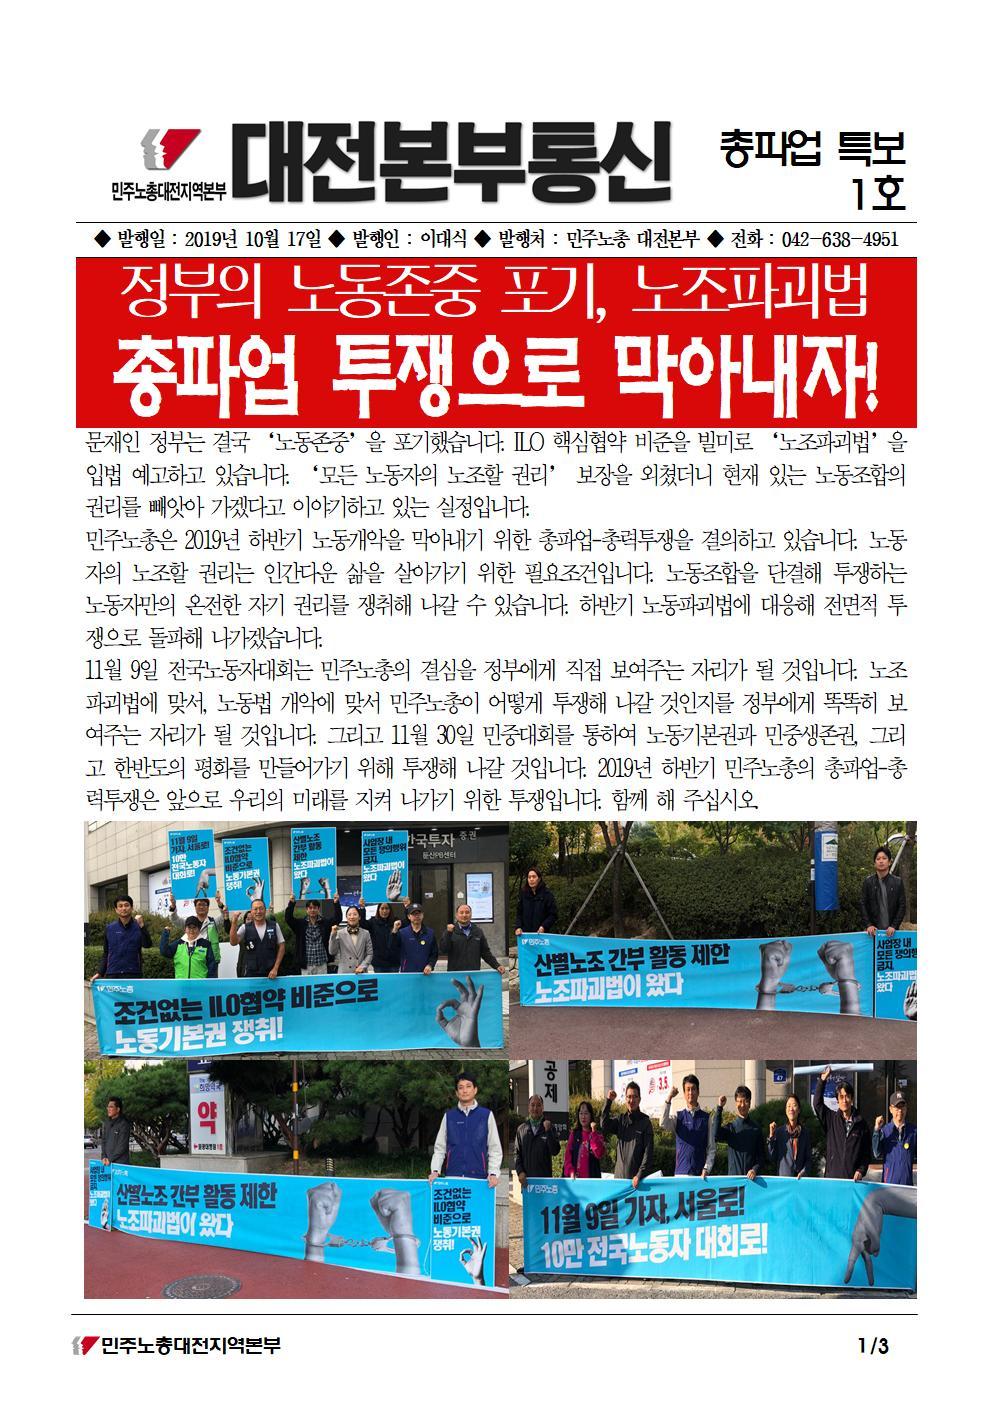 민주노총 대전본부 본부통신_총파업 특보 1호